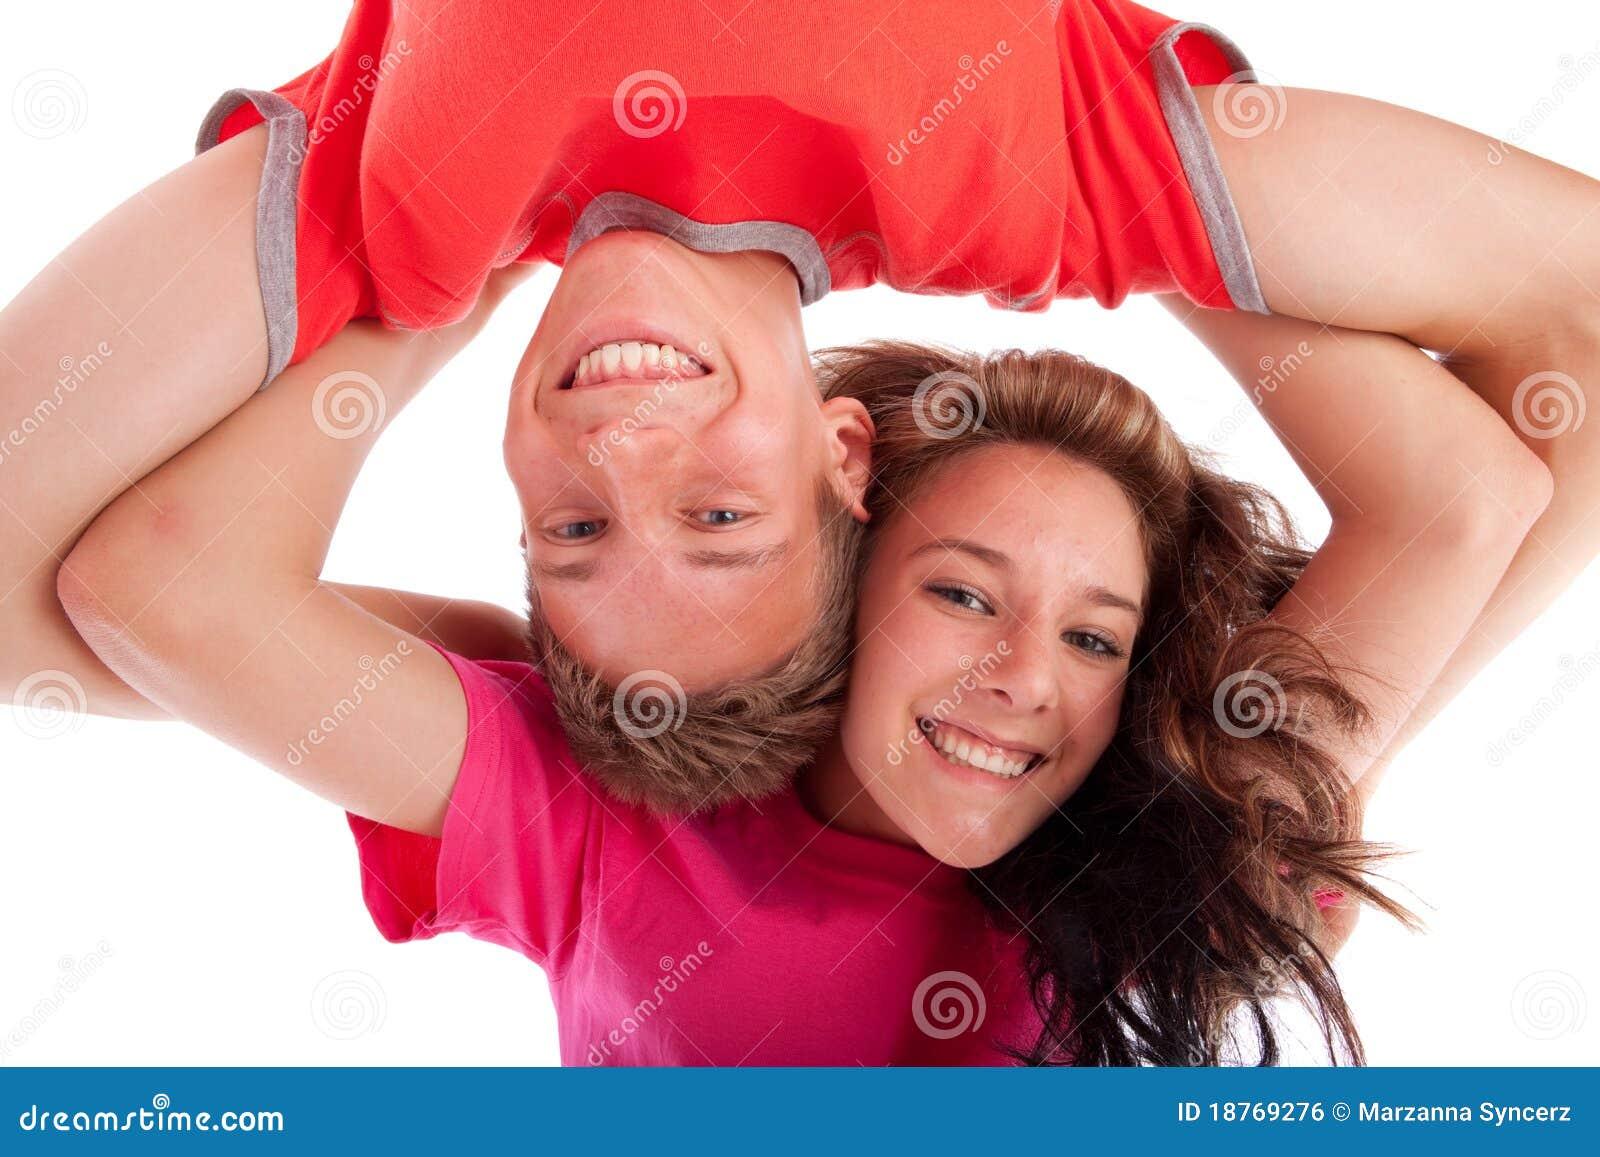 Fratello e sorella adolescenti immagine stock libera da - Fratello e sorella a letto insieme ...